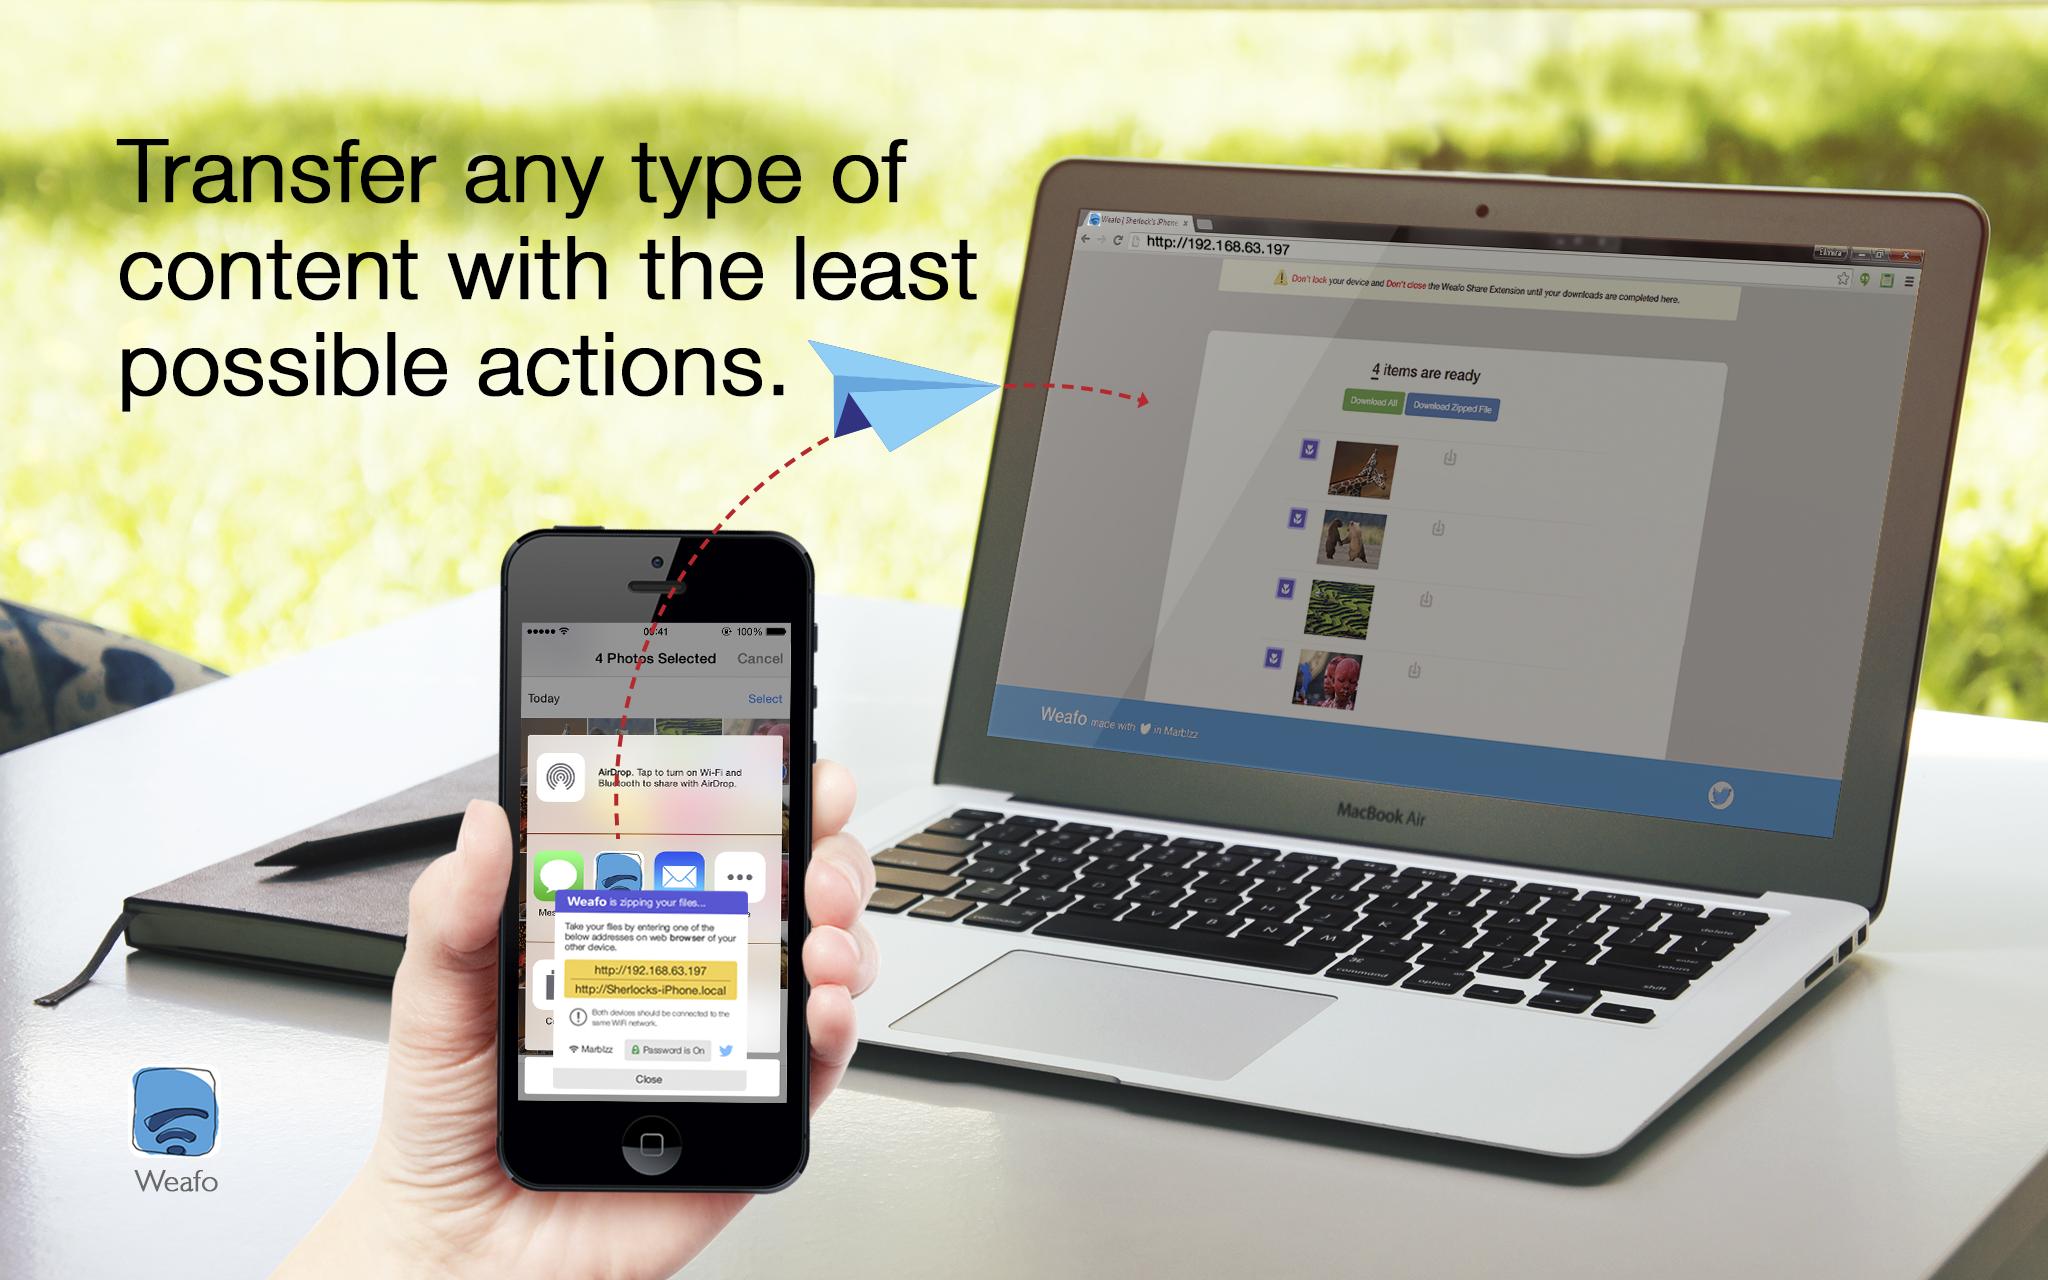 Weafo для iOS — если вы устали от неработающего AirDrop